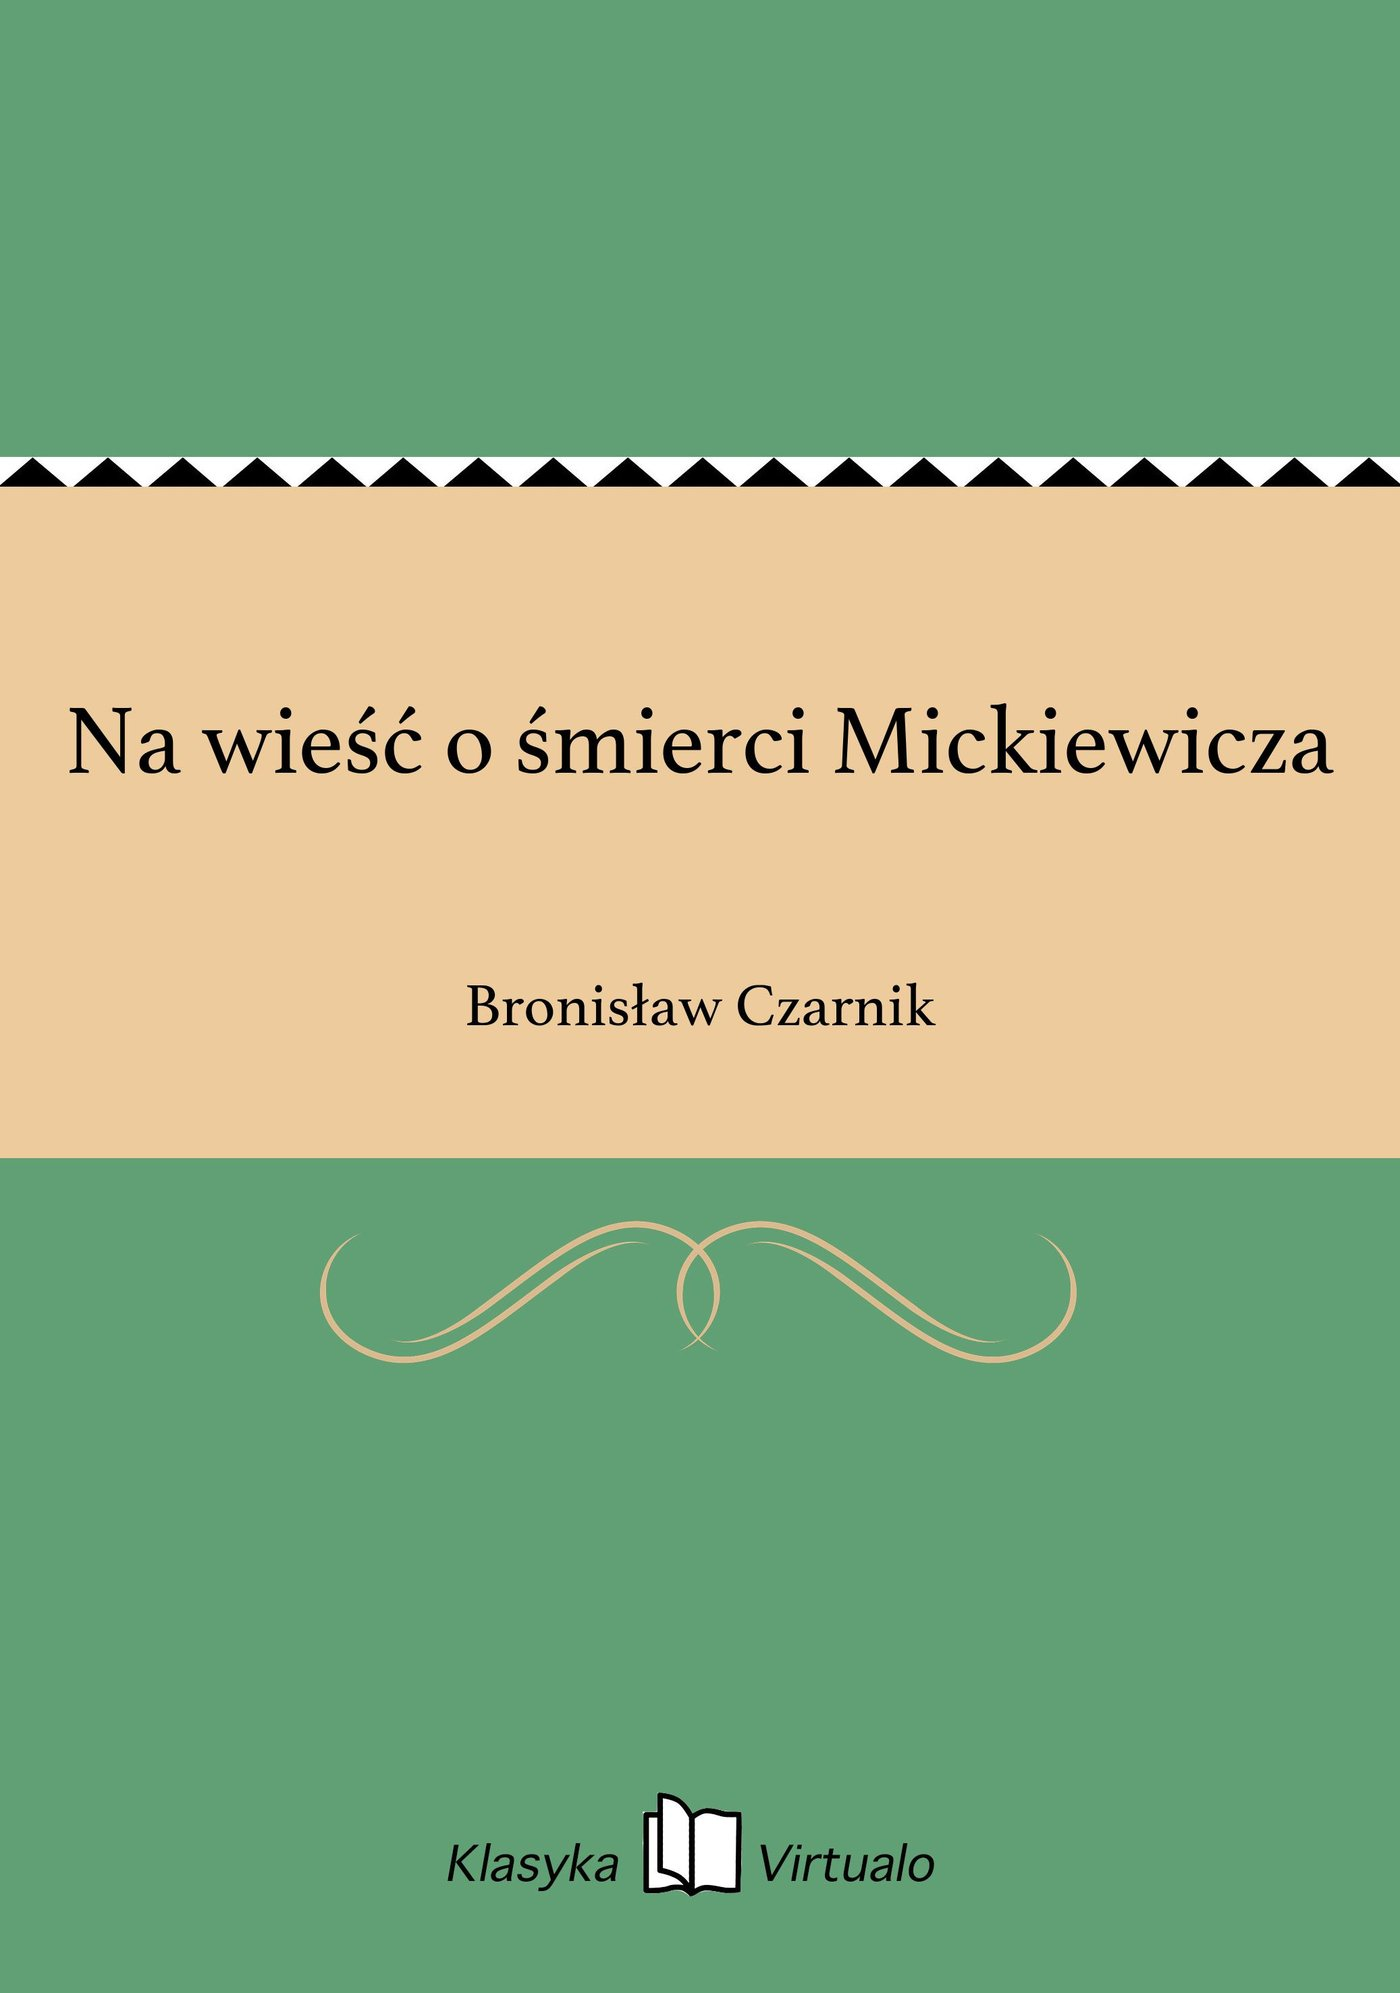 Na wieść o śmierci Mickiewicza - Ebook (Książka EPUB) do pobrania w formacie EPUB